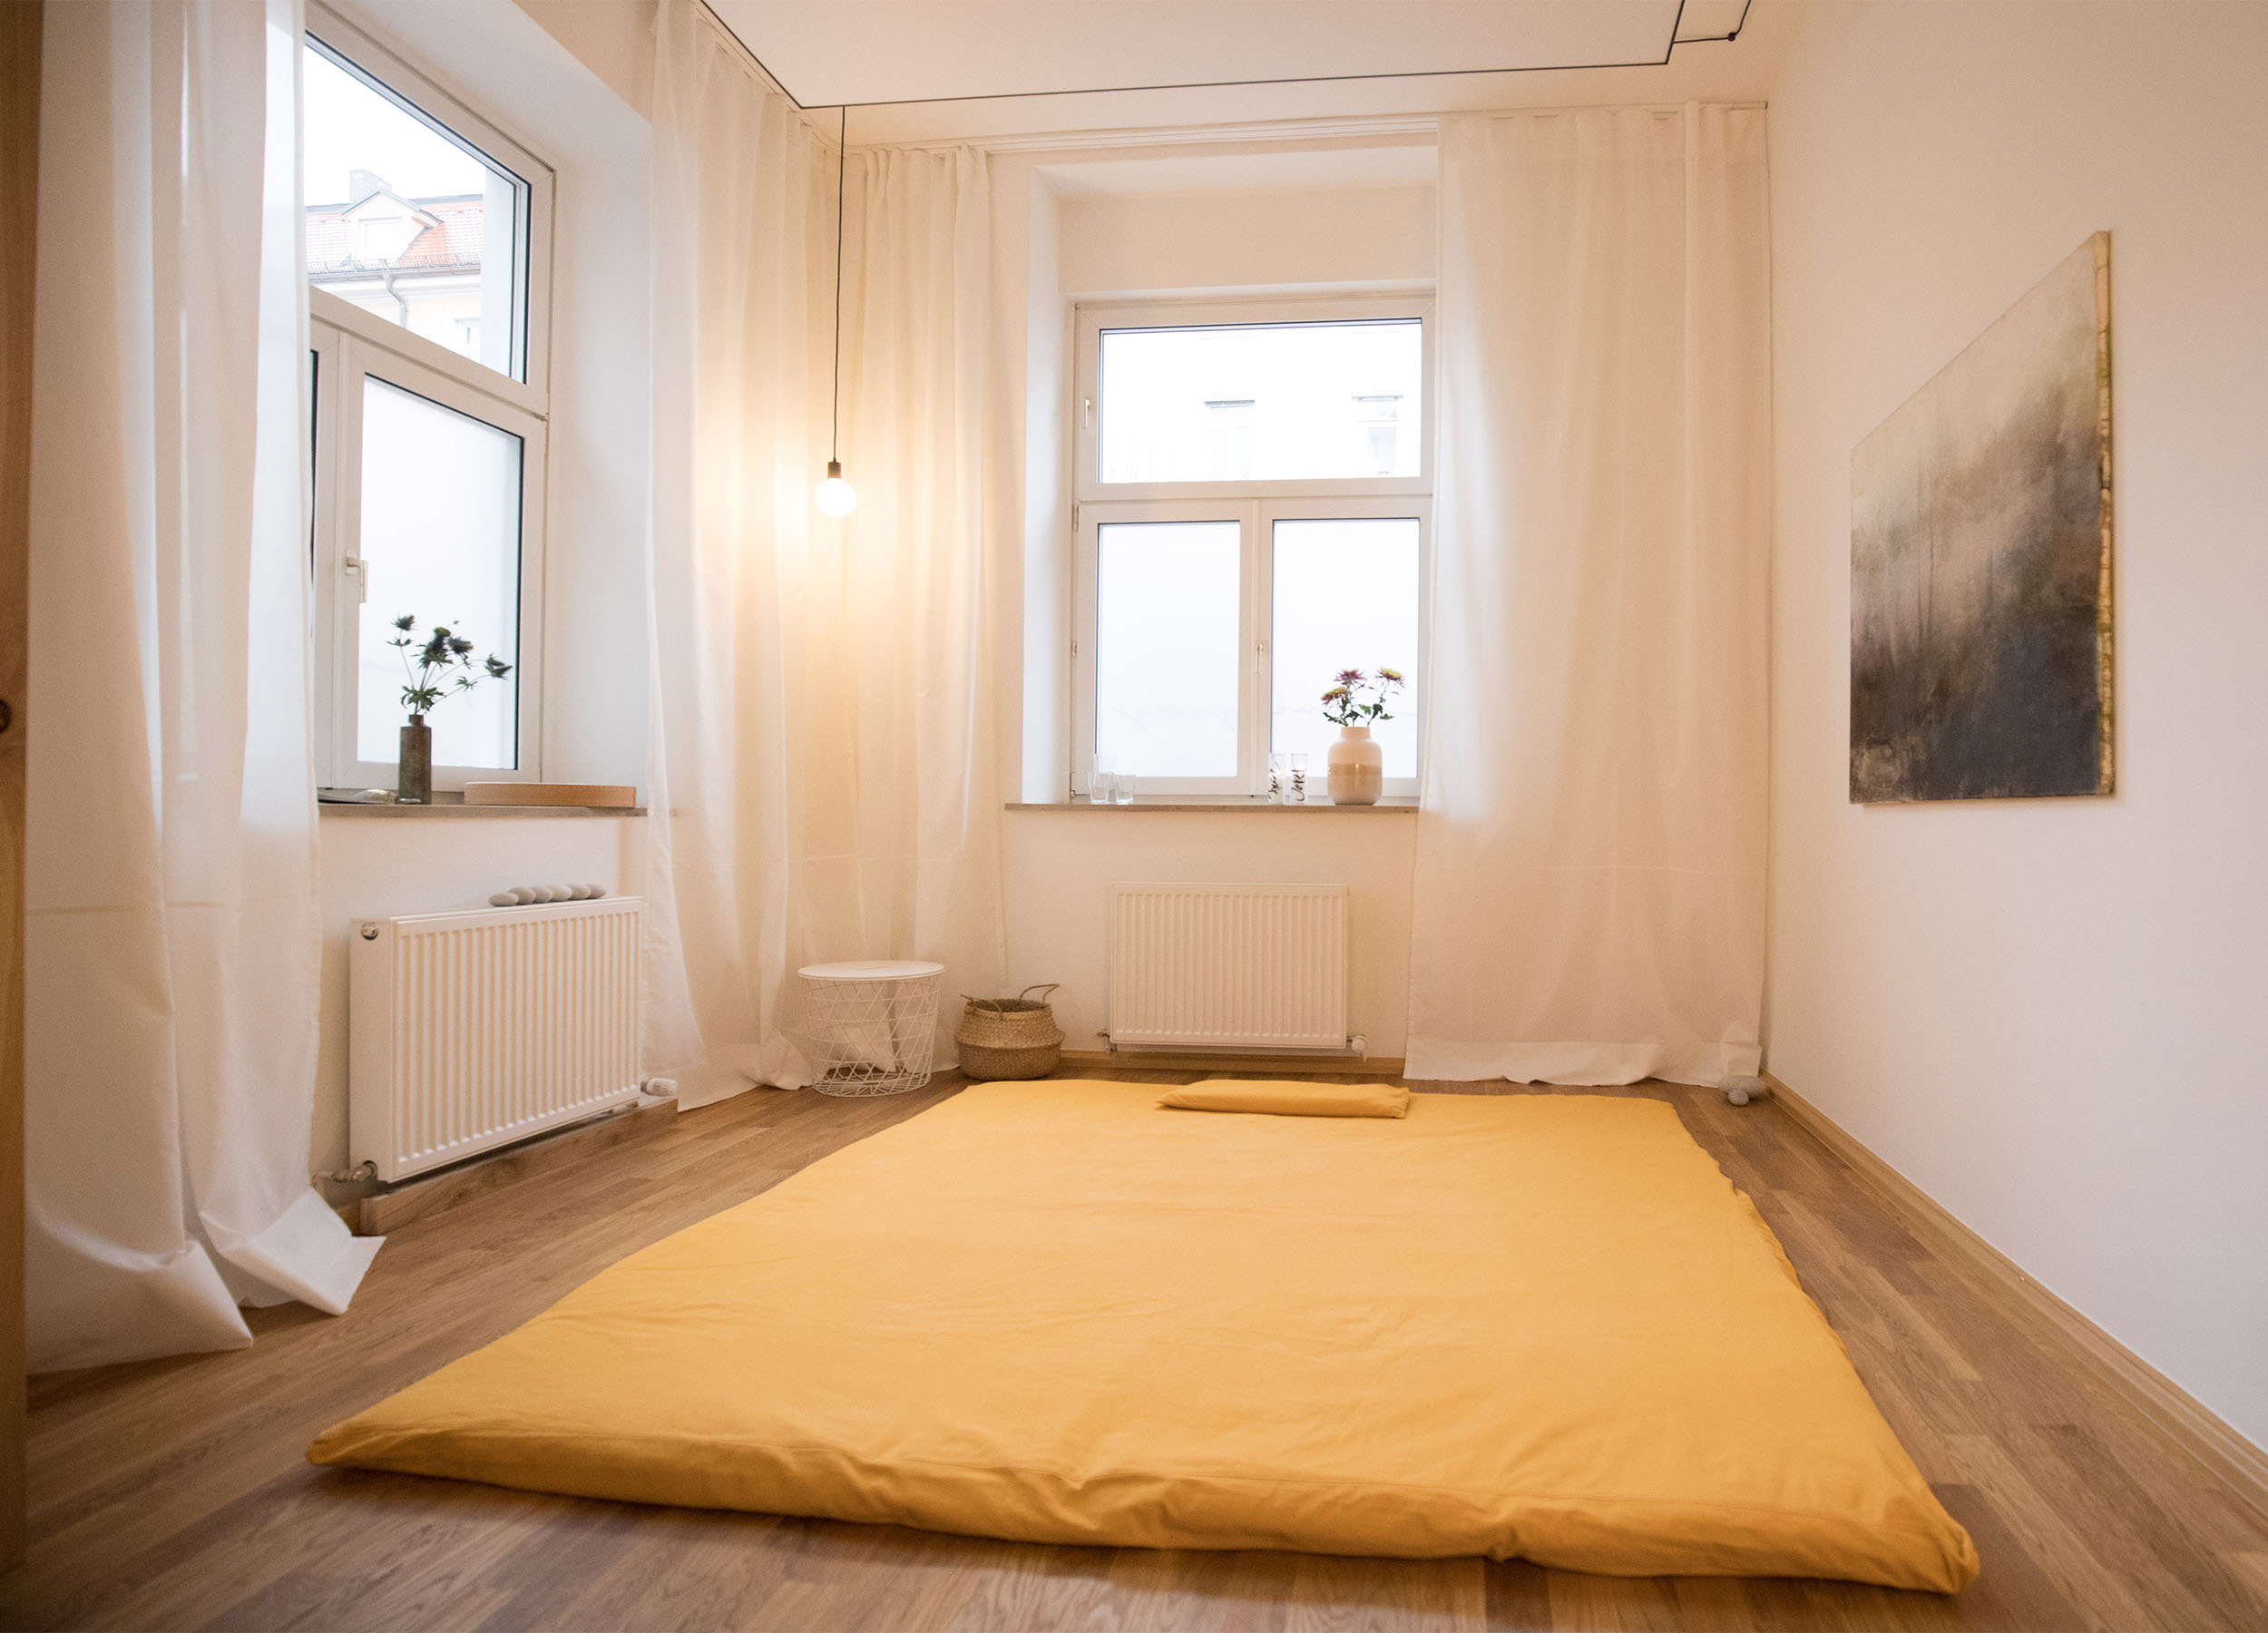 Studio Ygia, München, Raum mit Matte für Körperarbeit/bodywork